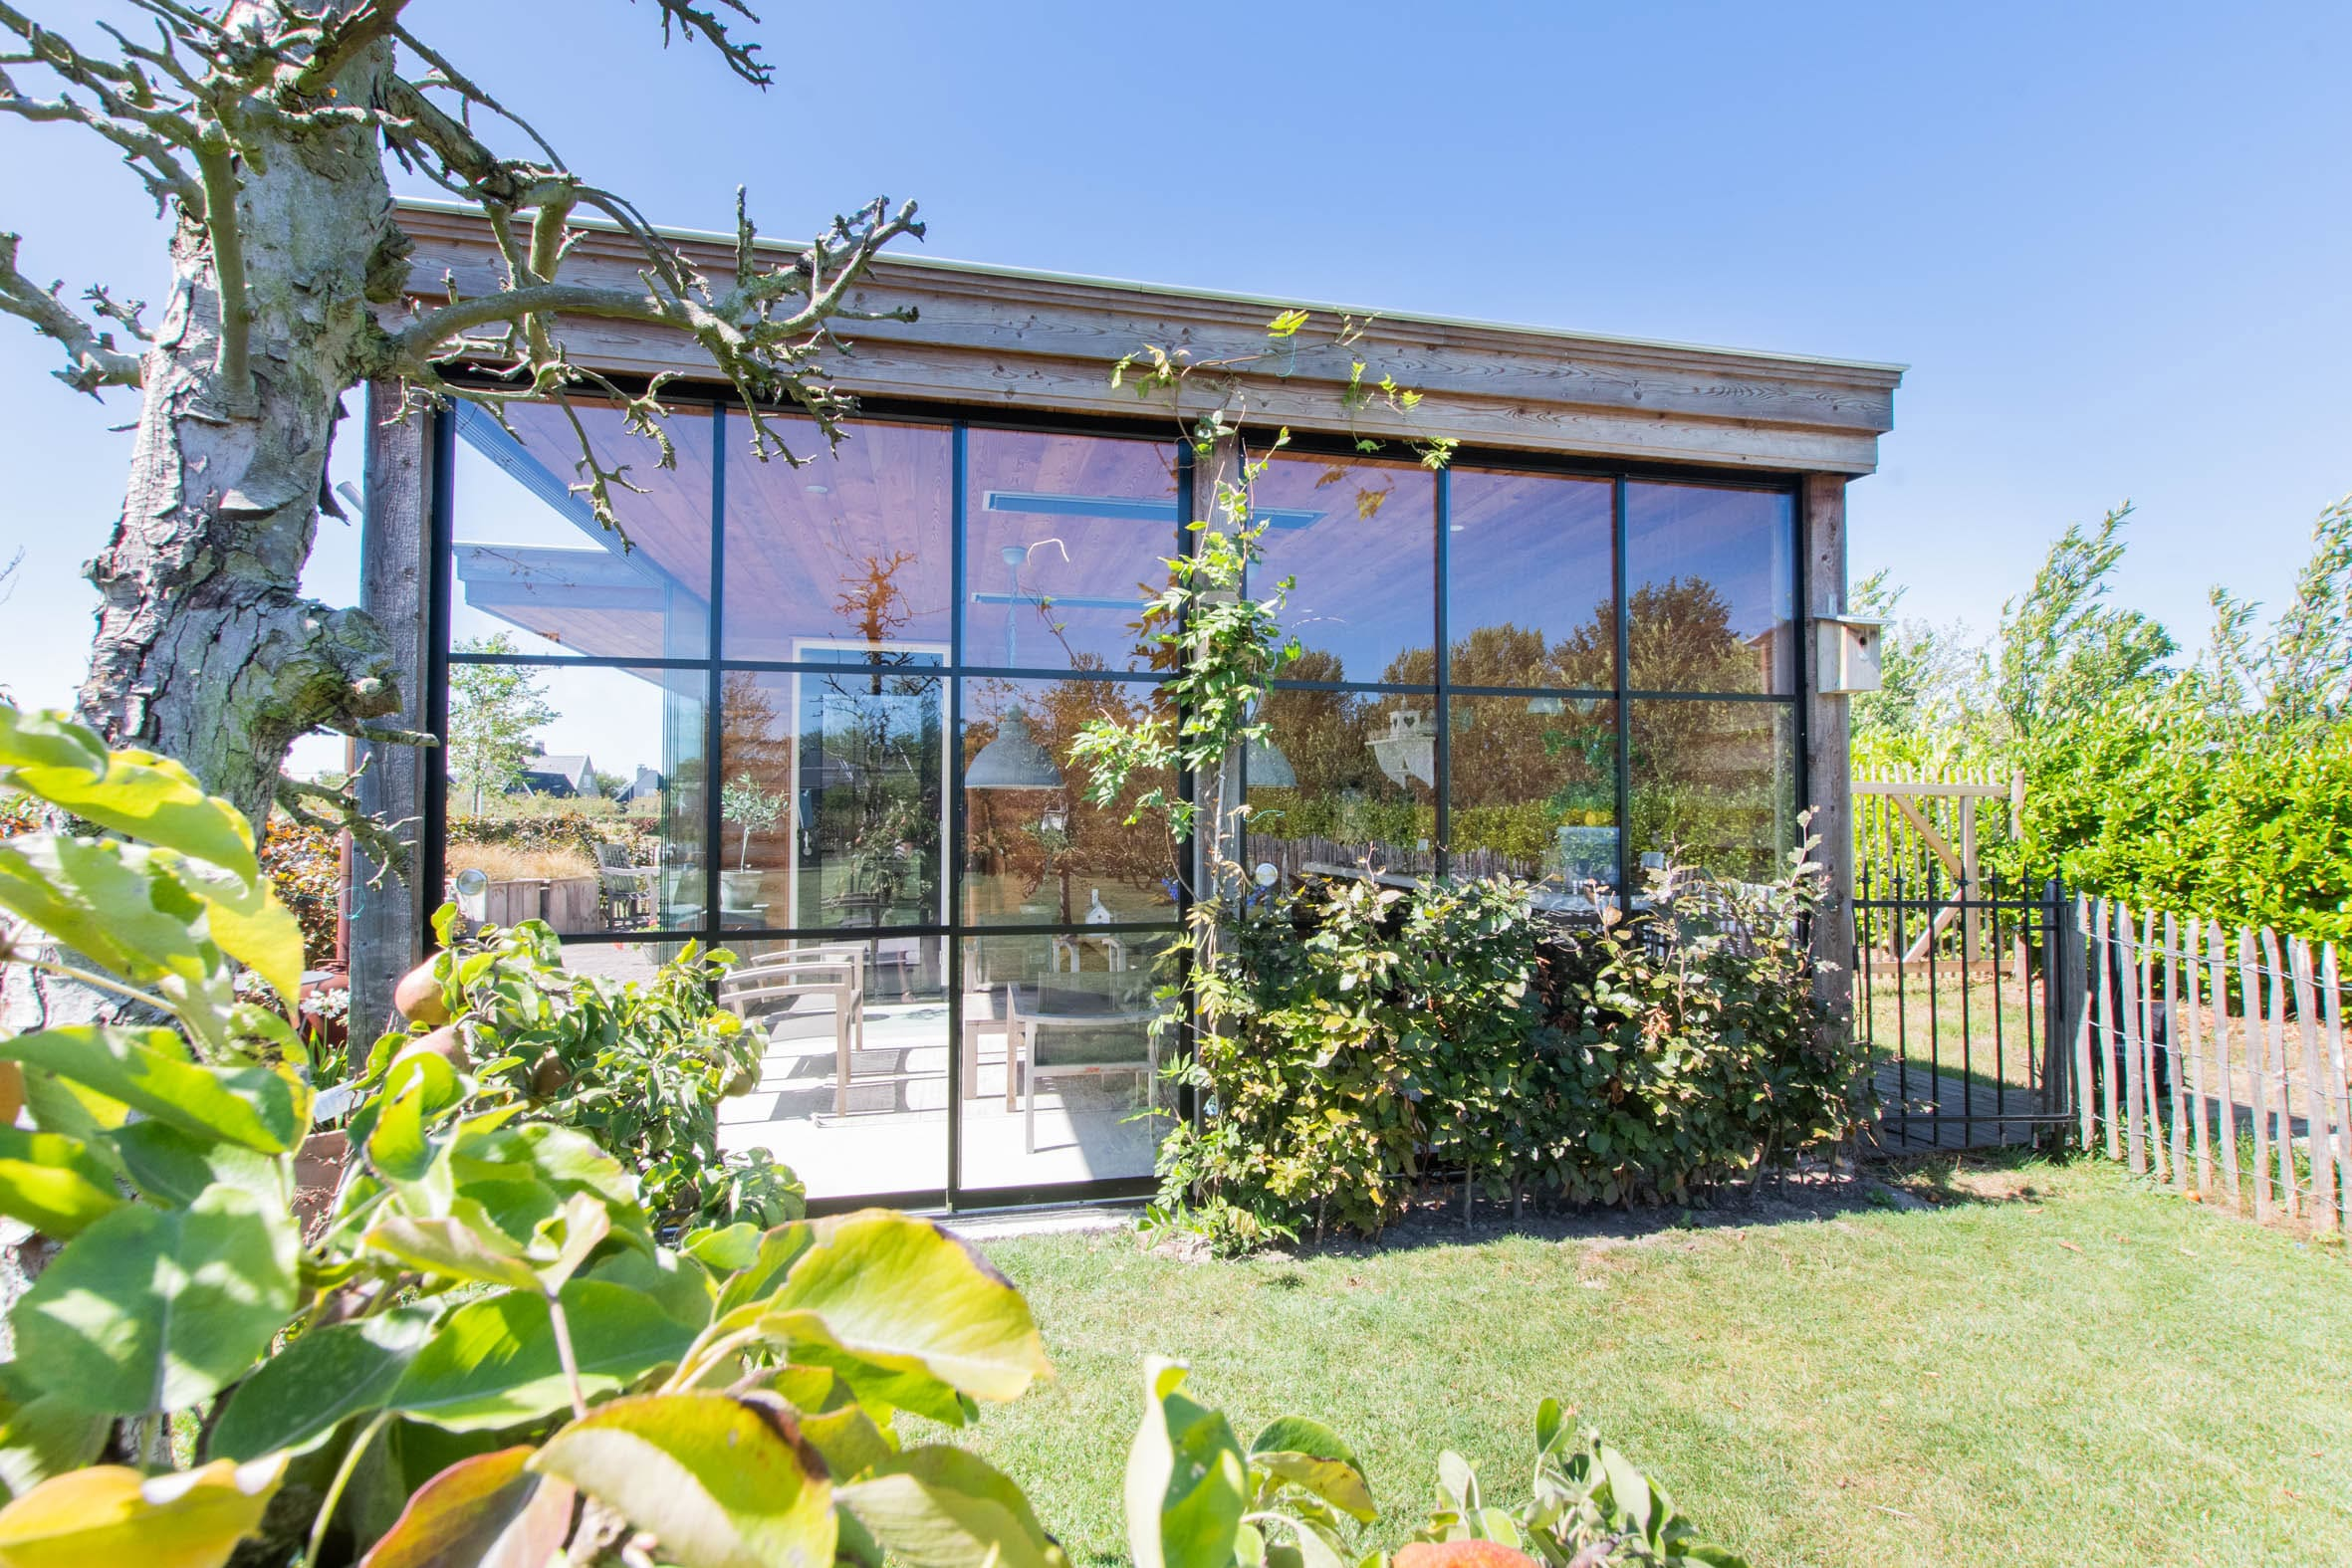 Gartenhaus mit passgenauen Schiebetüren im Industrial Style